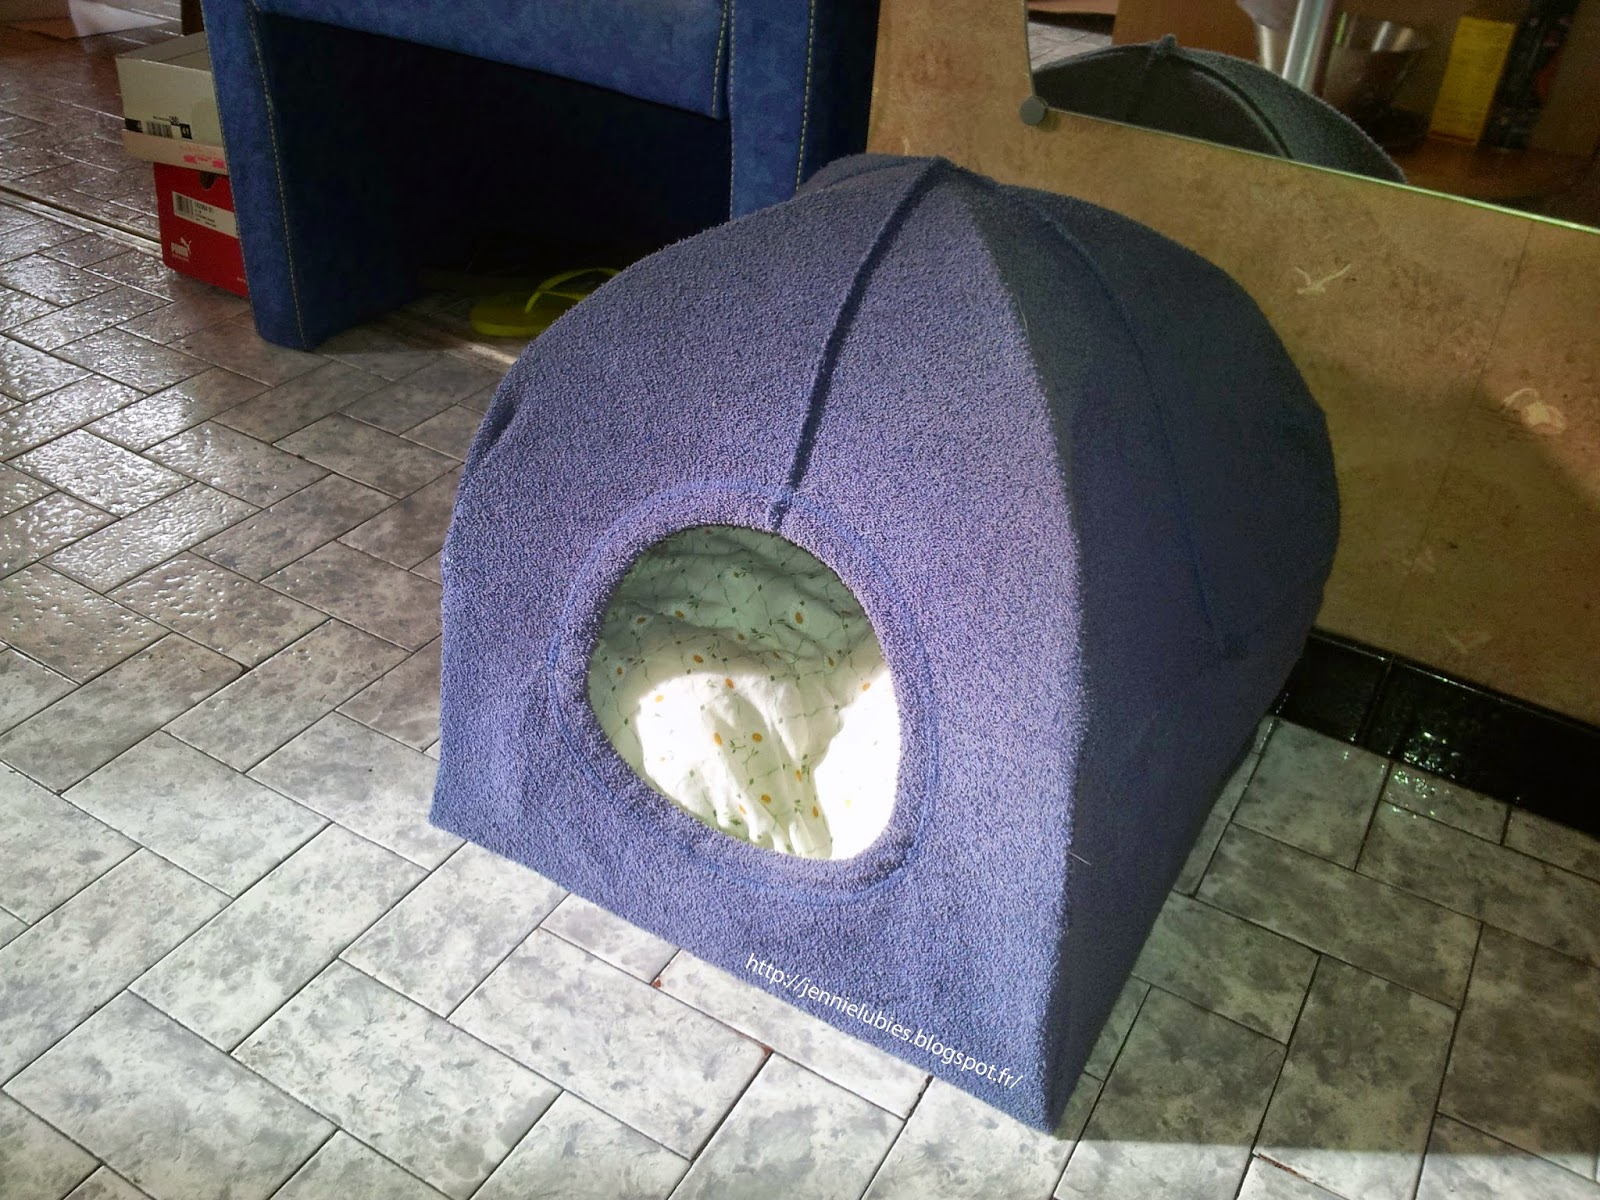 jennie ses lubies diy tuto et r alisation d 39 un abri pour chat trouv sur pinterest. Black Bedroom Furniture Sets. Home Design Ideas